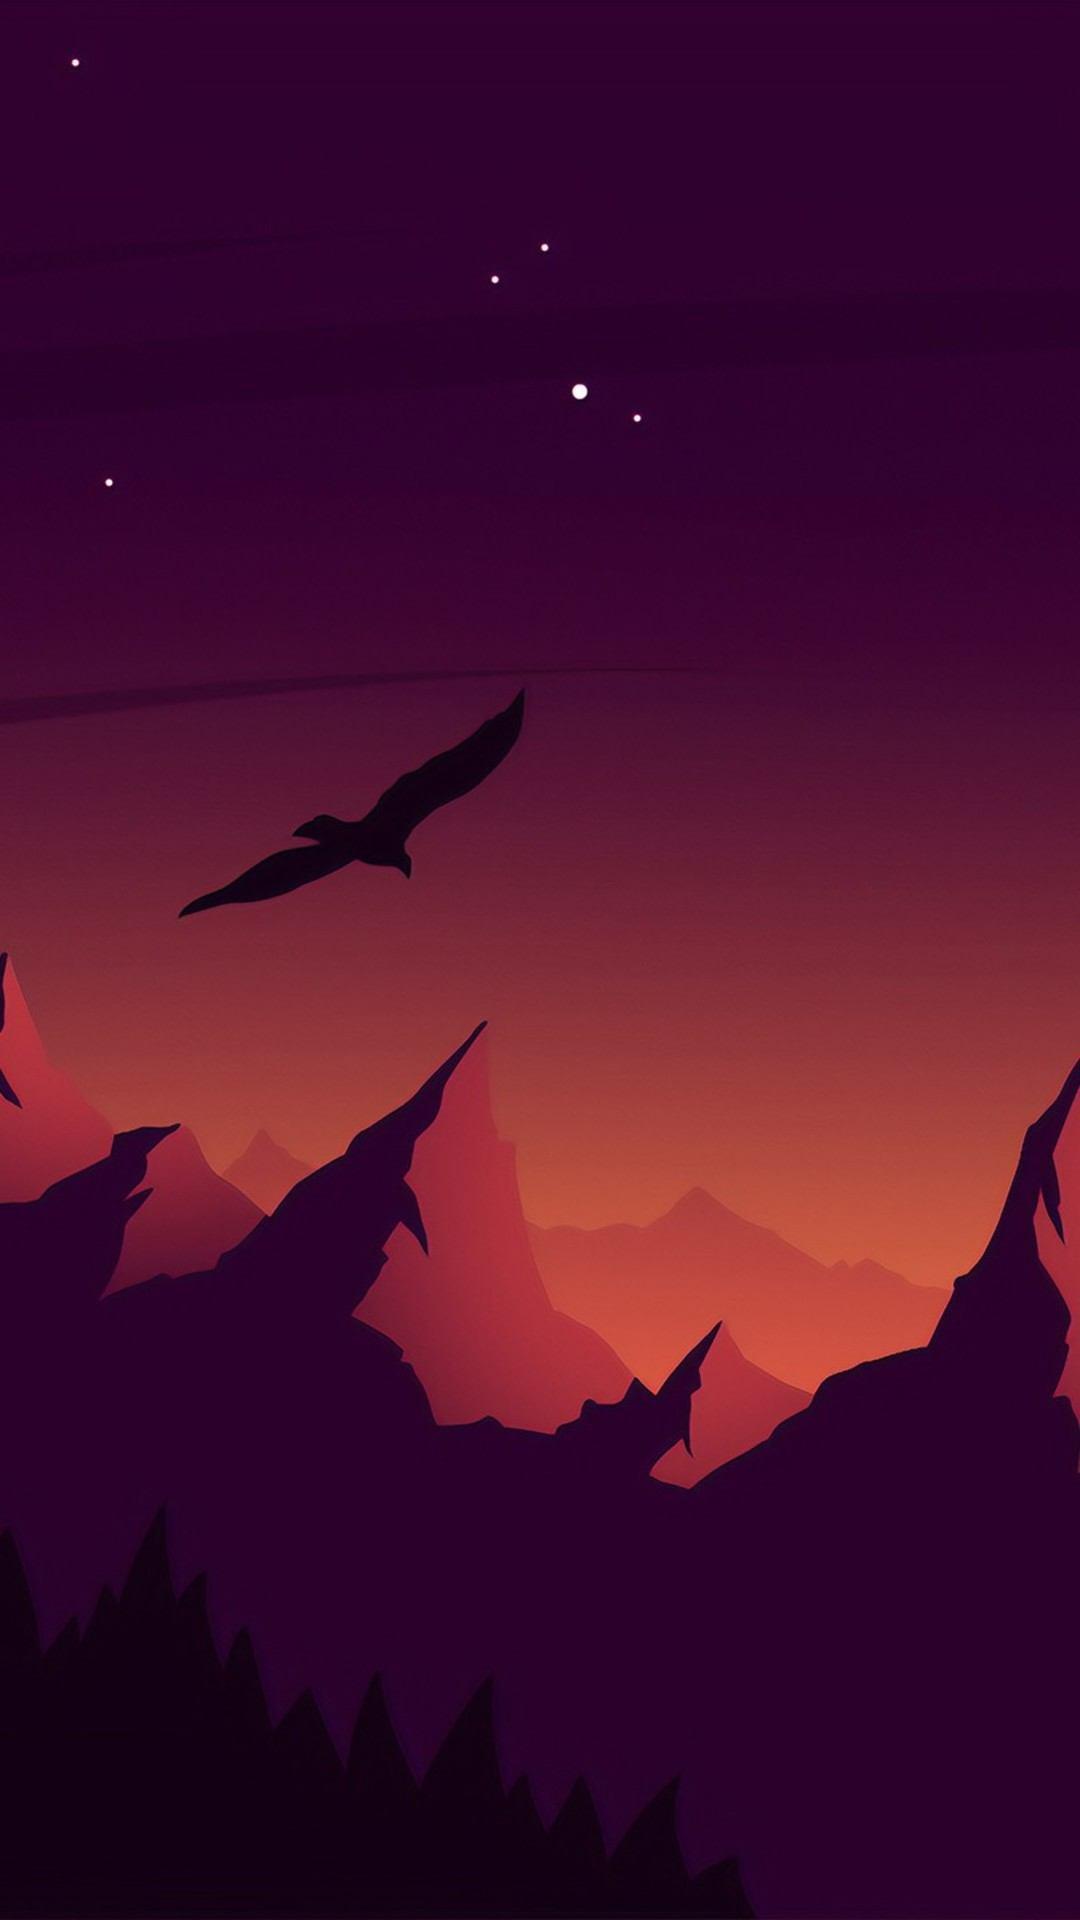 eagle landscape mountains minimalist ez 1080x1920 - Pack de Fondos de Pantalla de Montañas